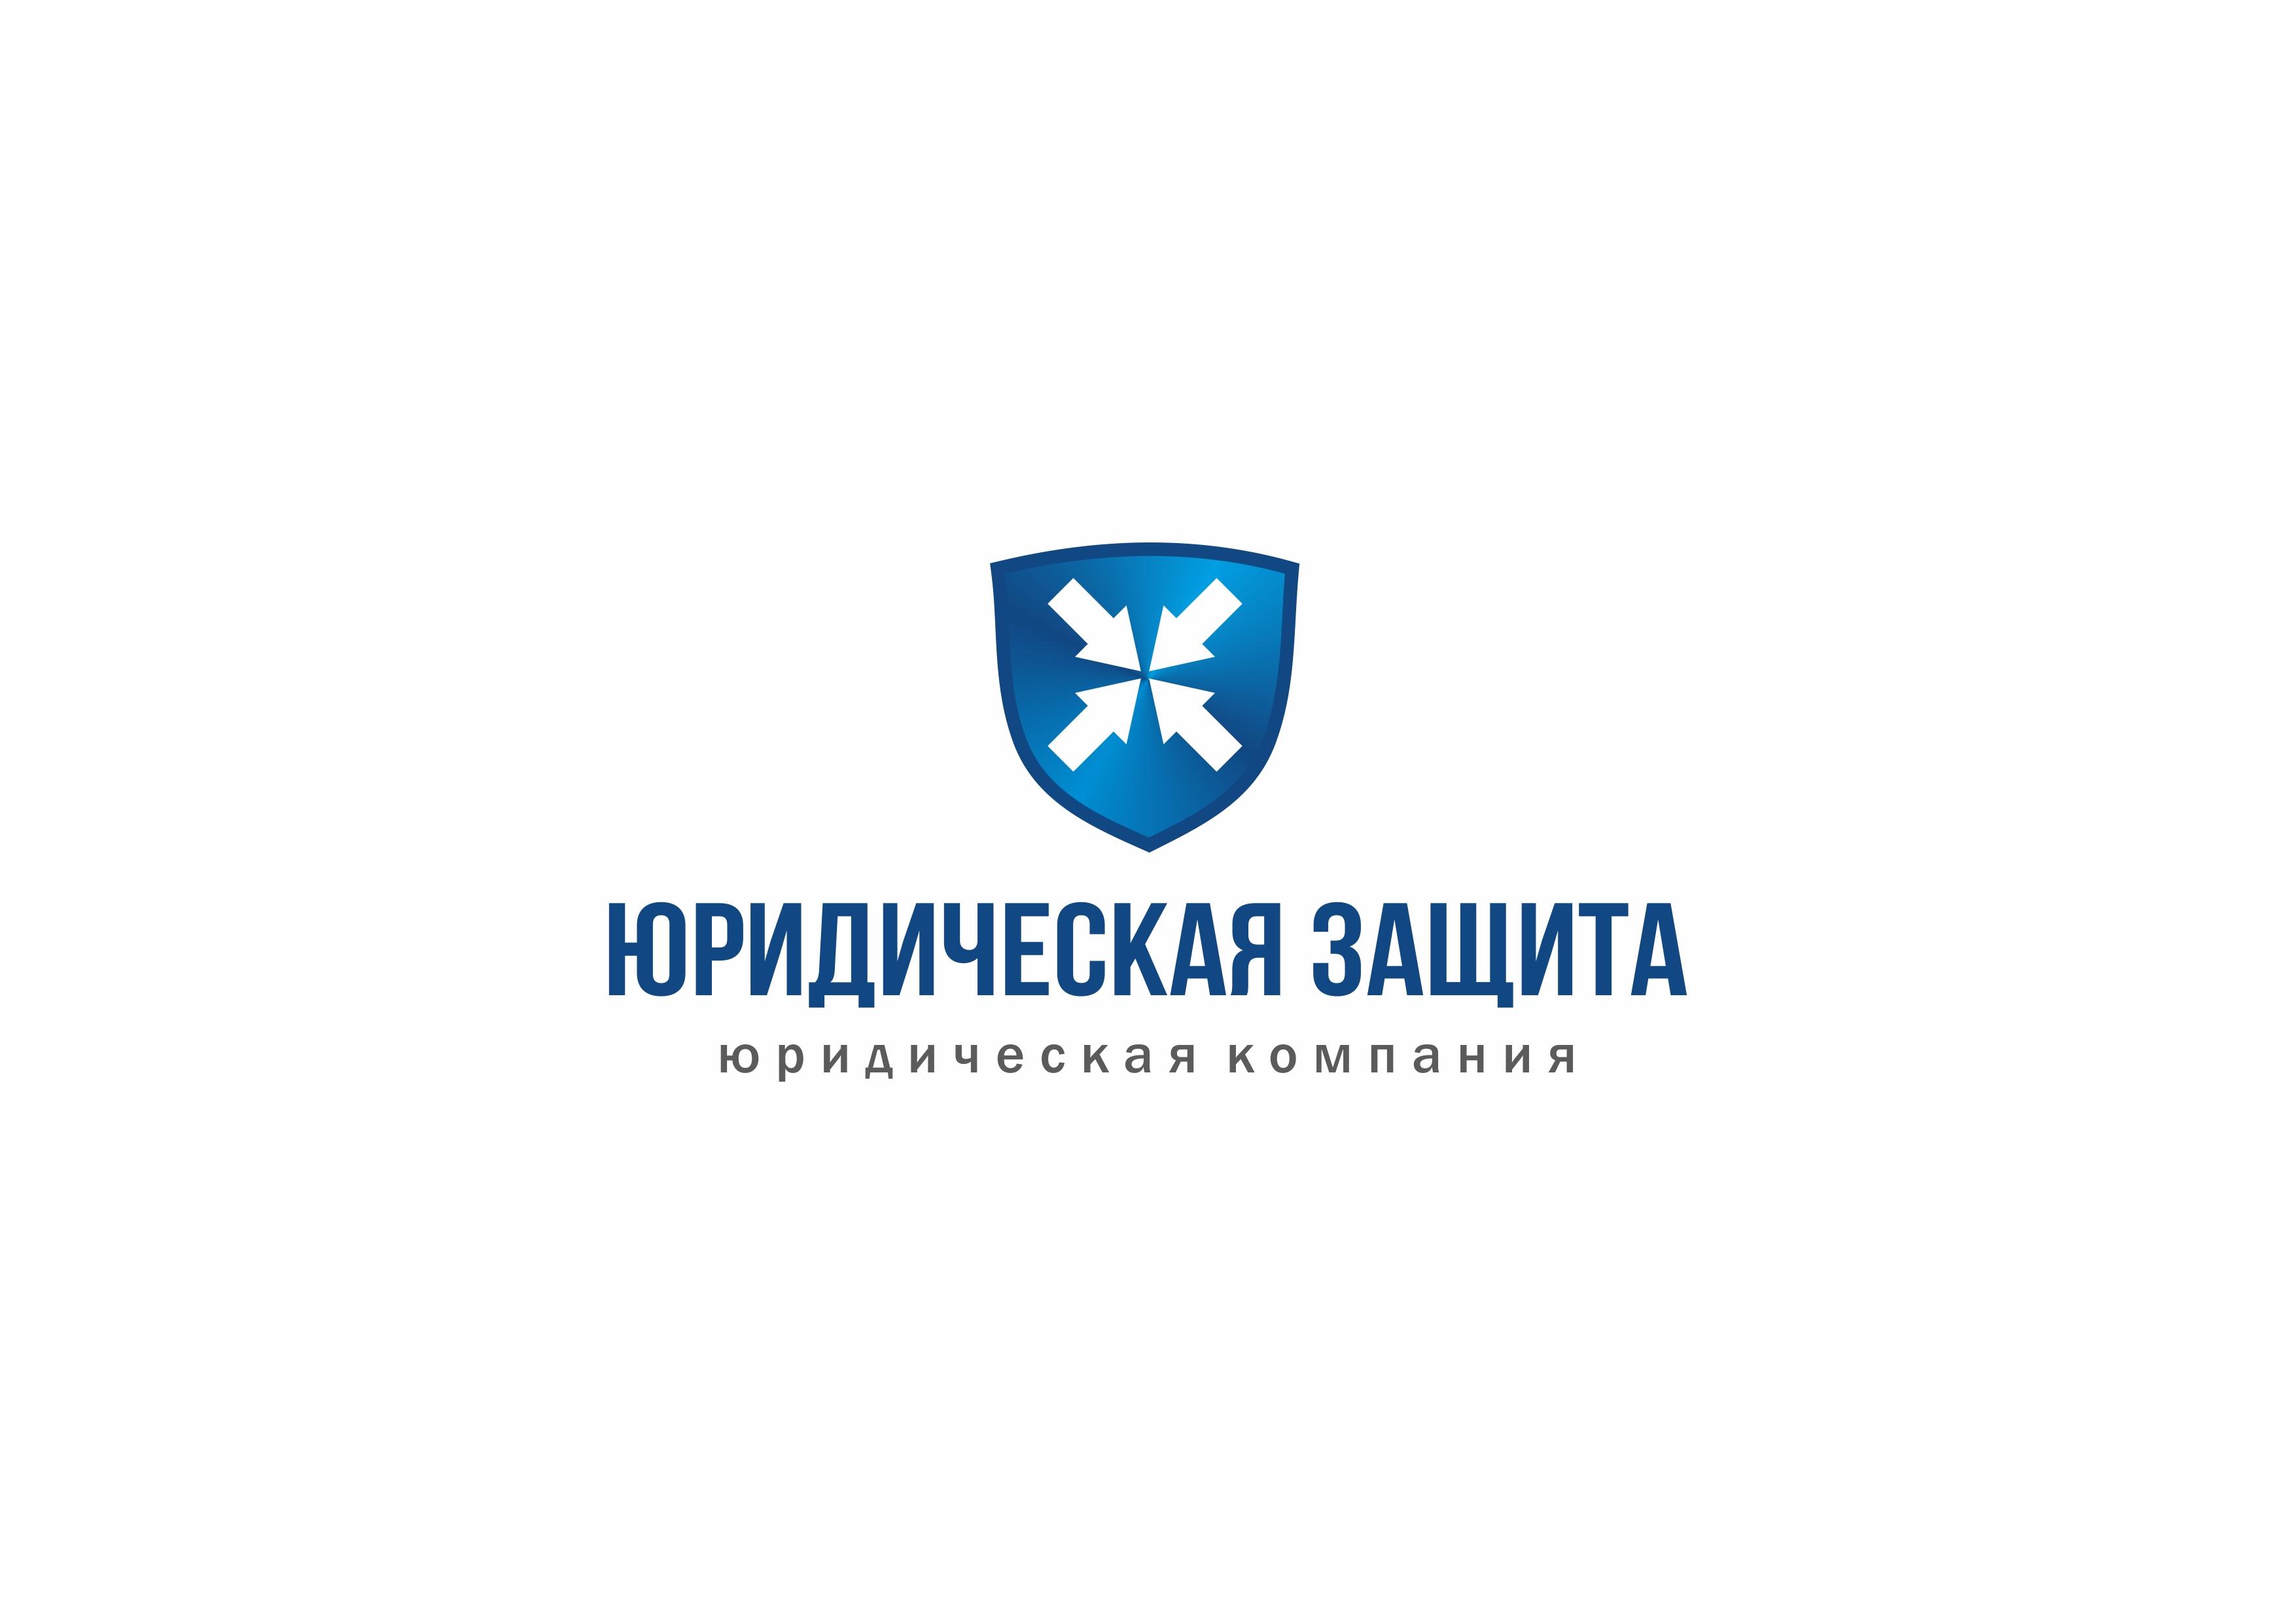 Разработка логотипа для юридической компании фото f_18655e06d359e475.jpg